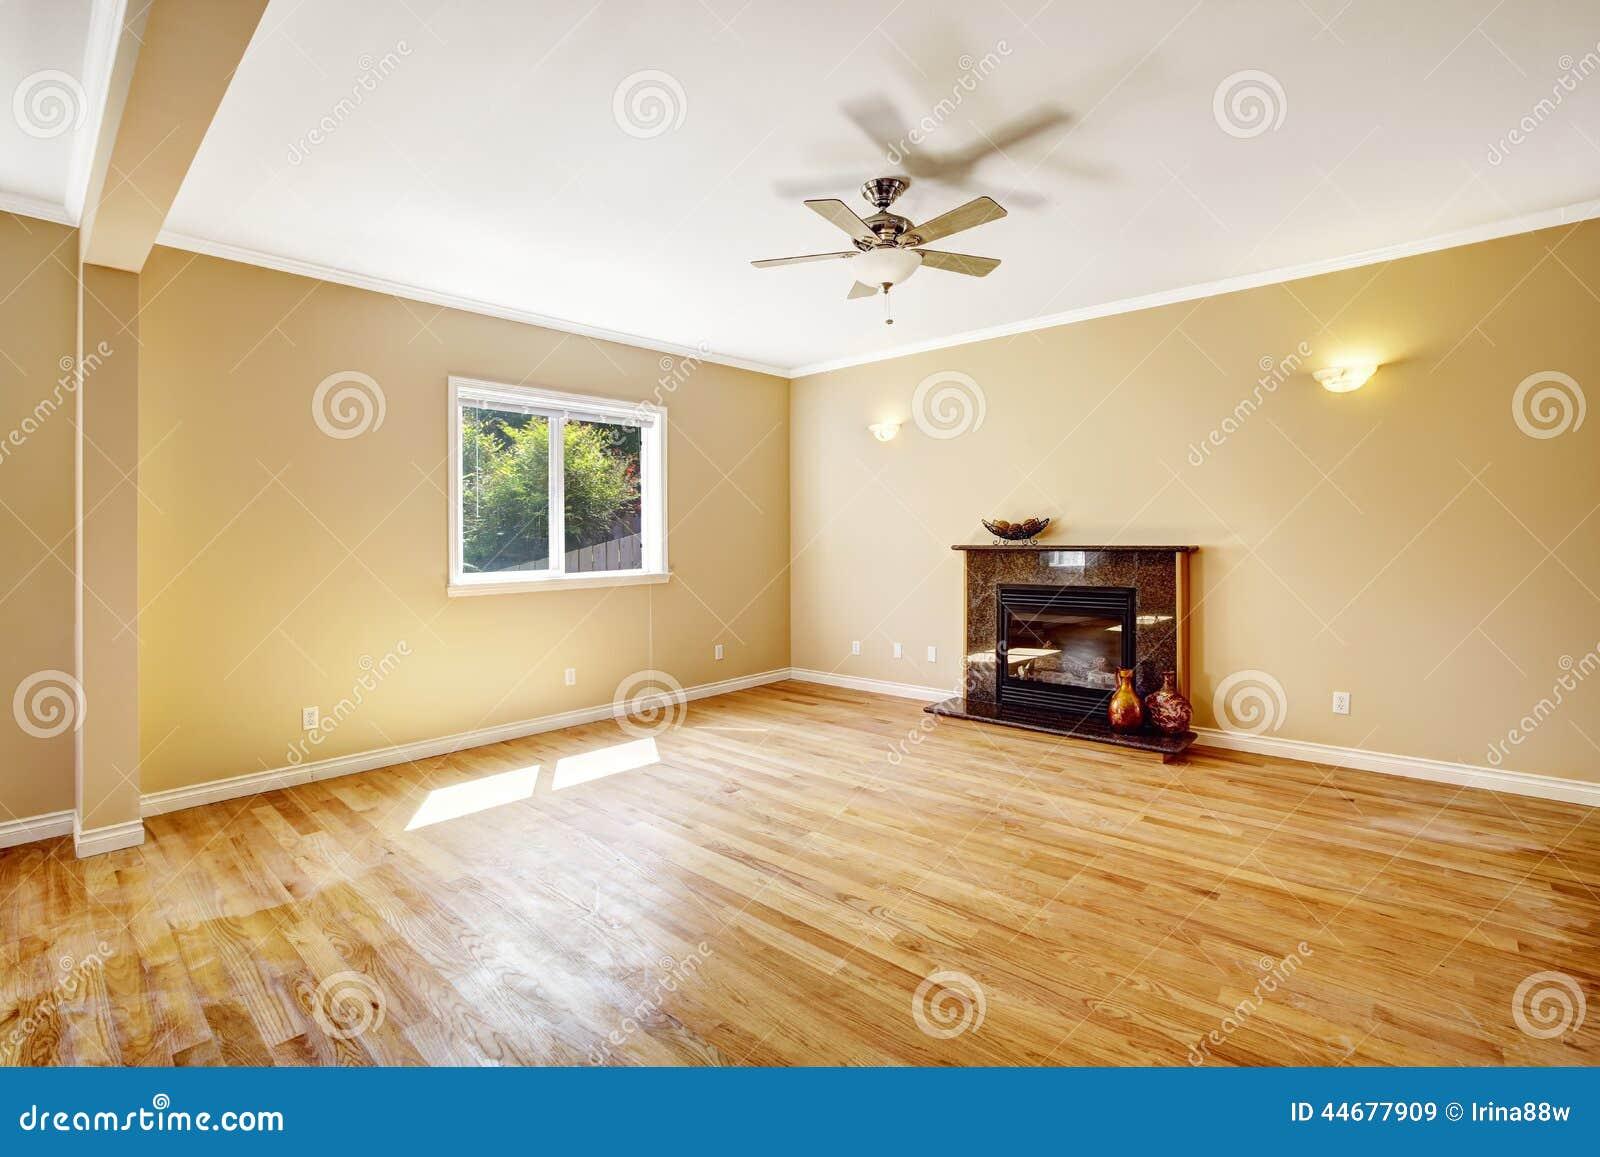 Kamin im wohnzimmer nachrüsten – Dumss.com